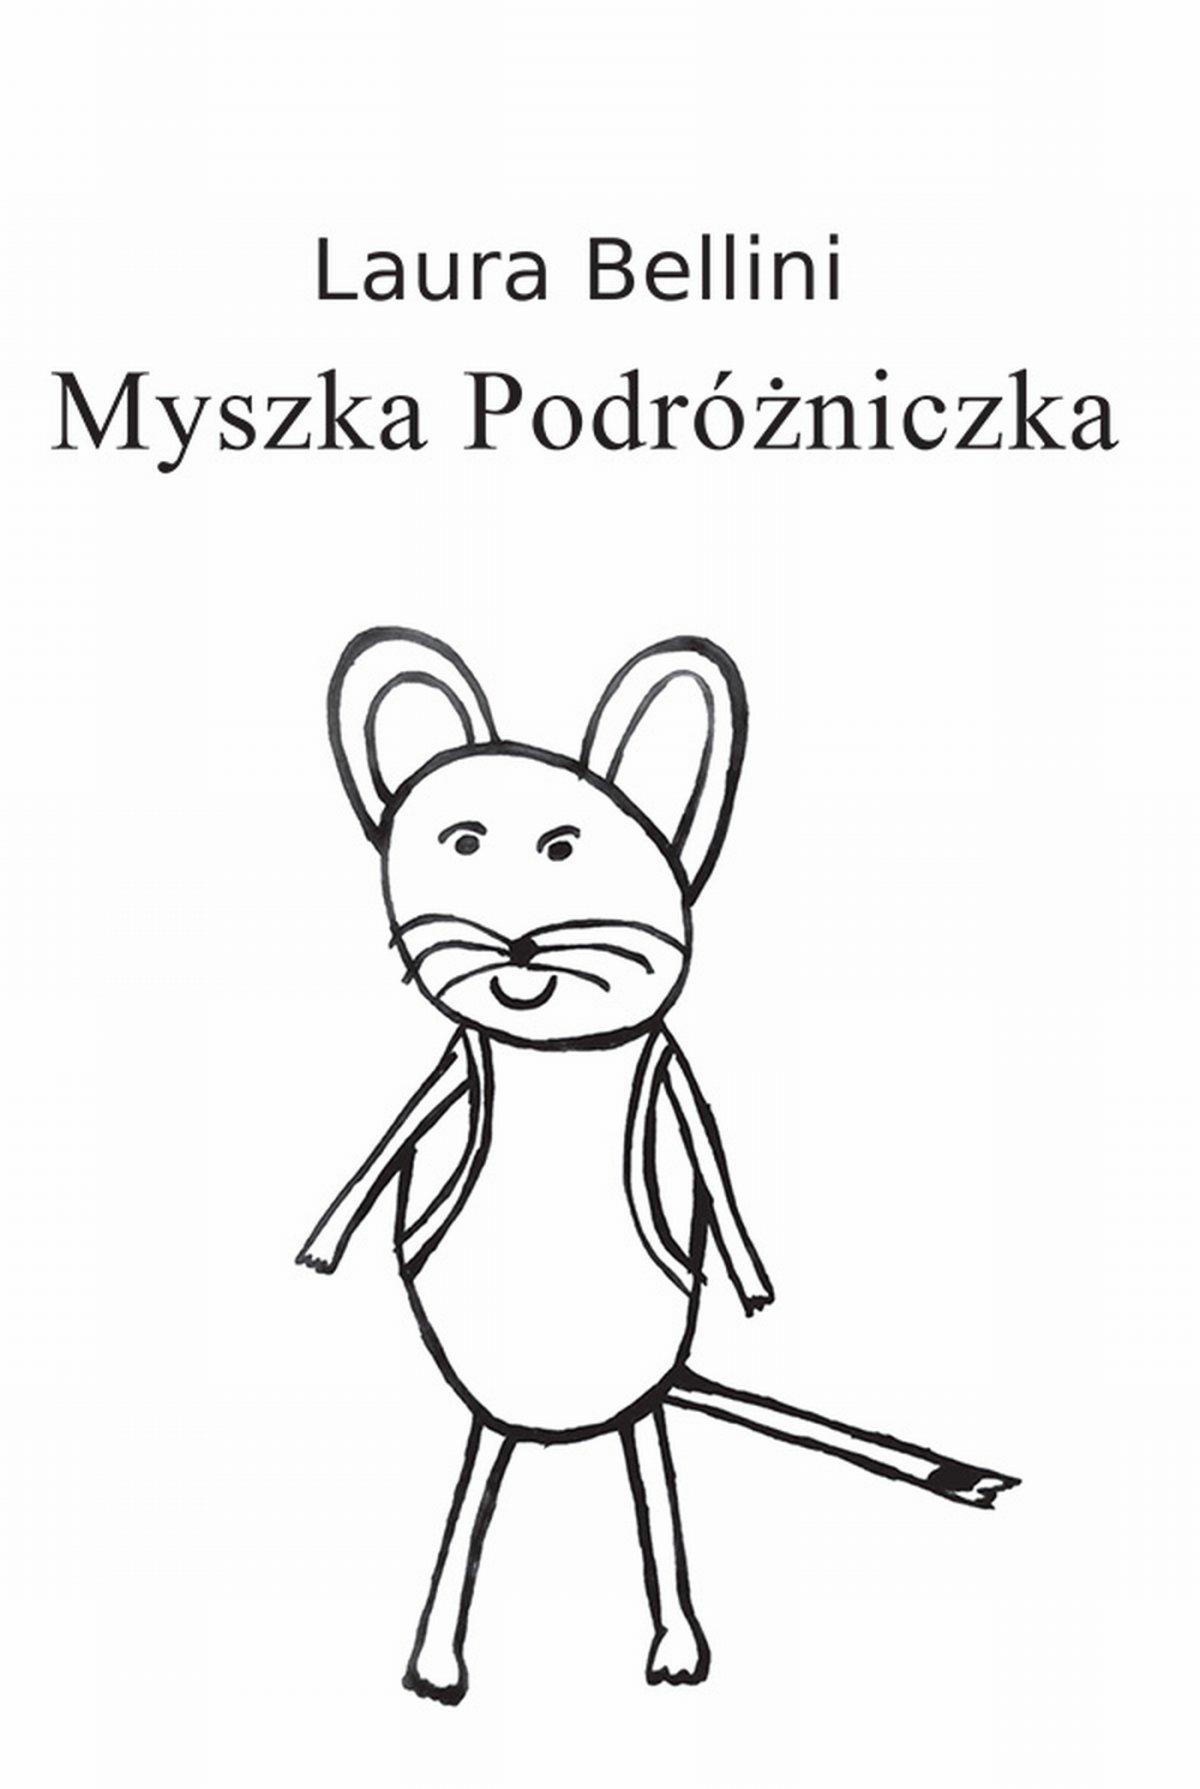 Myszka Podróżniczka - Ebook (Książka na Kindle) do pobrania w formacie MOBI